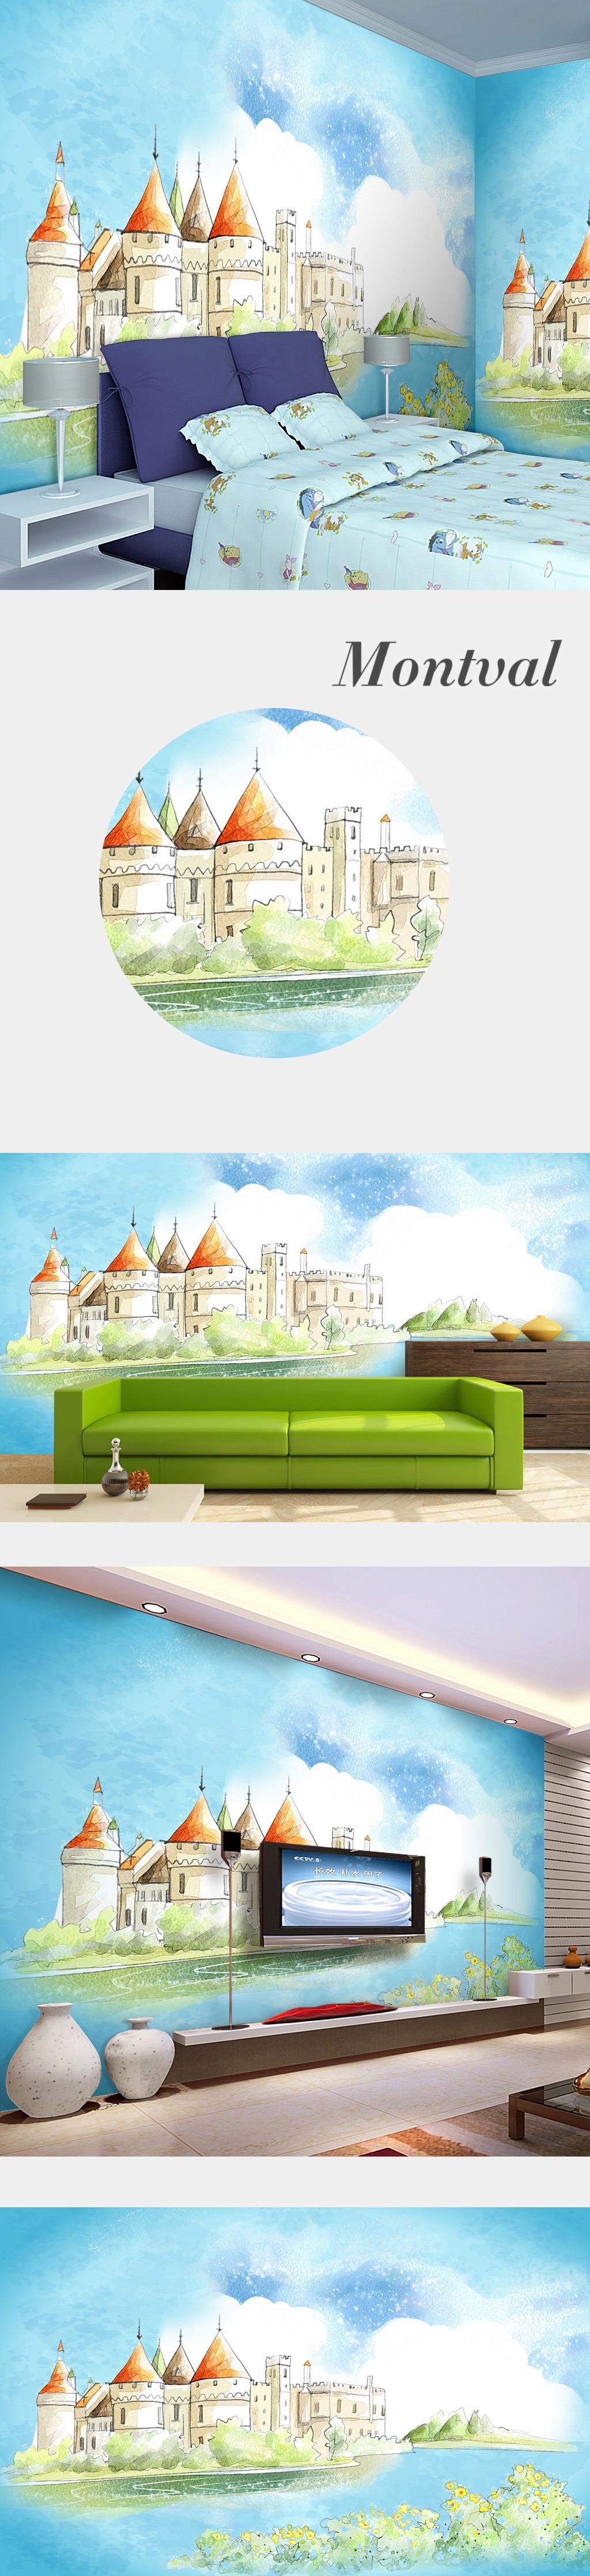 手绘插画儿童房背景墙